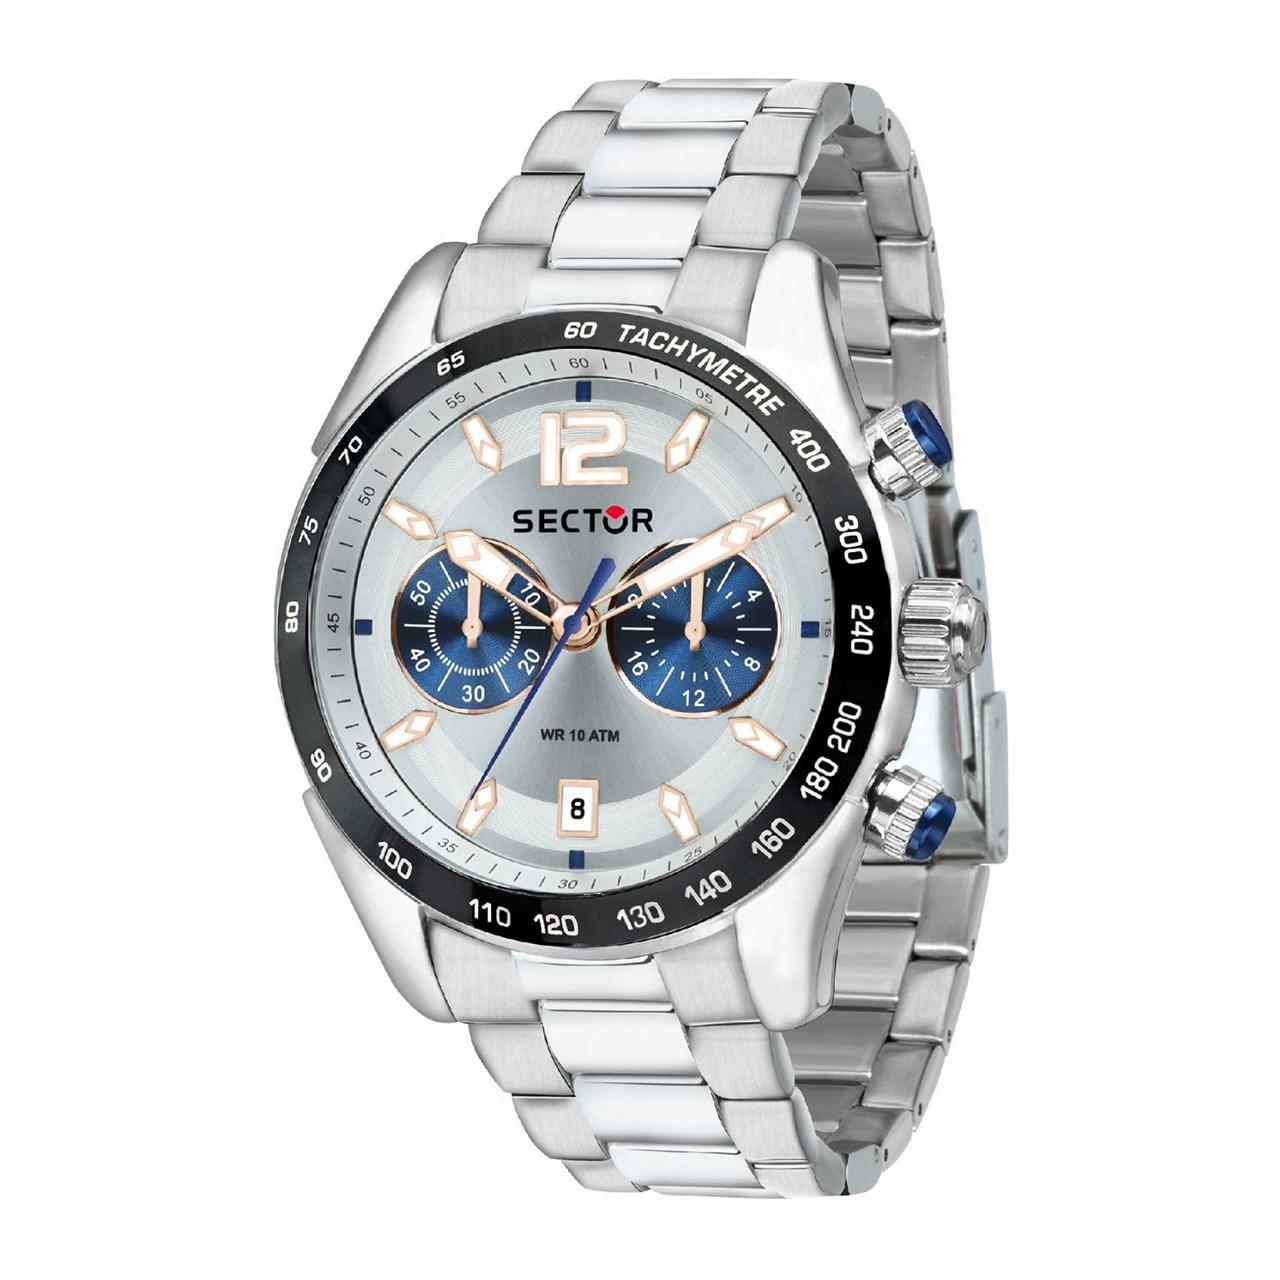 ساعت مچی عقربه ای مردانه  سکتور مدل 330-3273794008